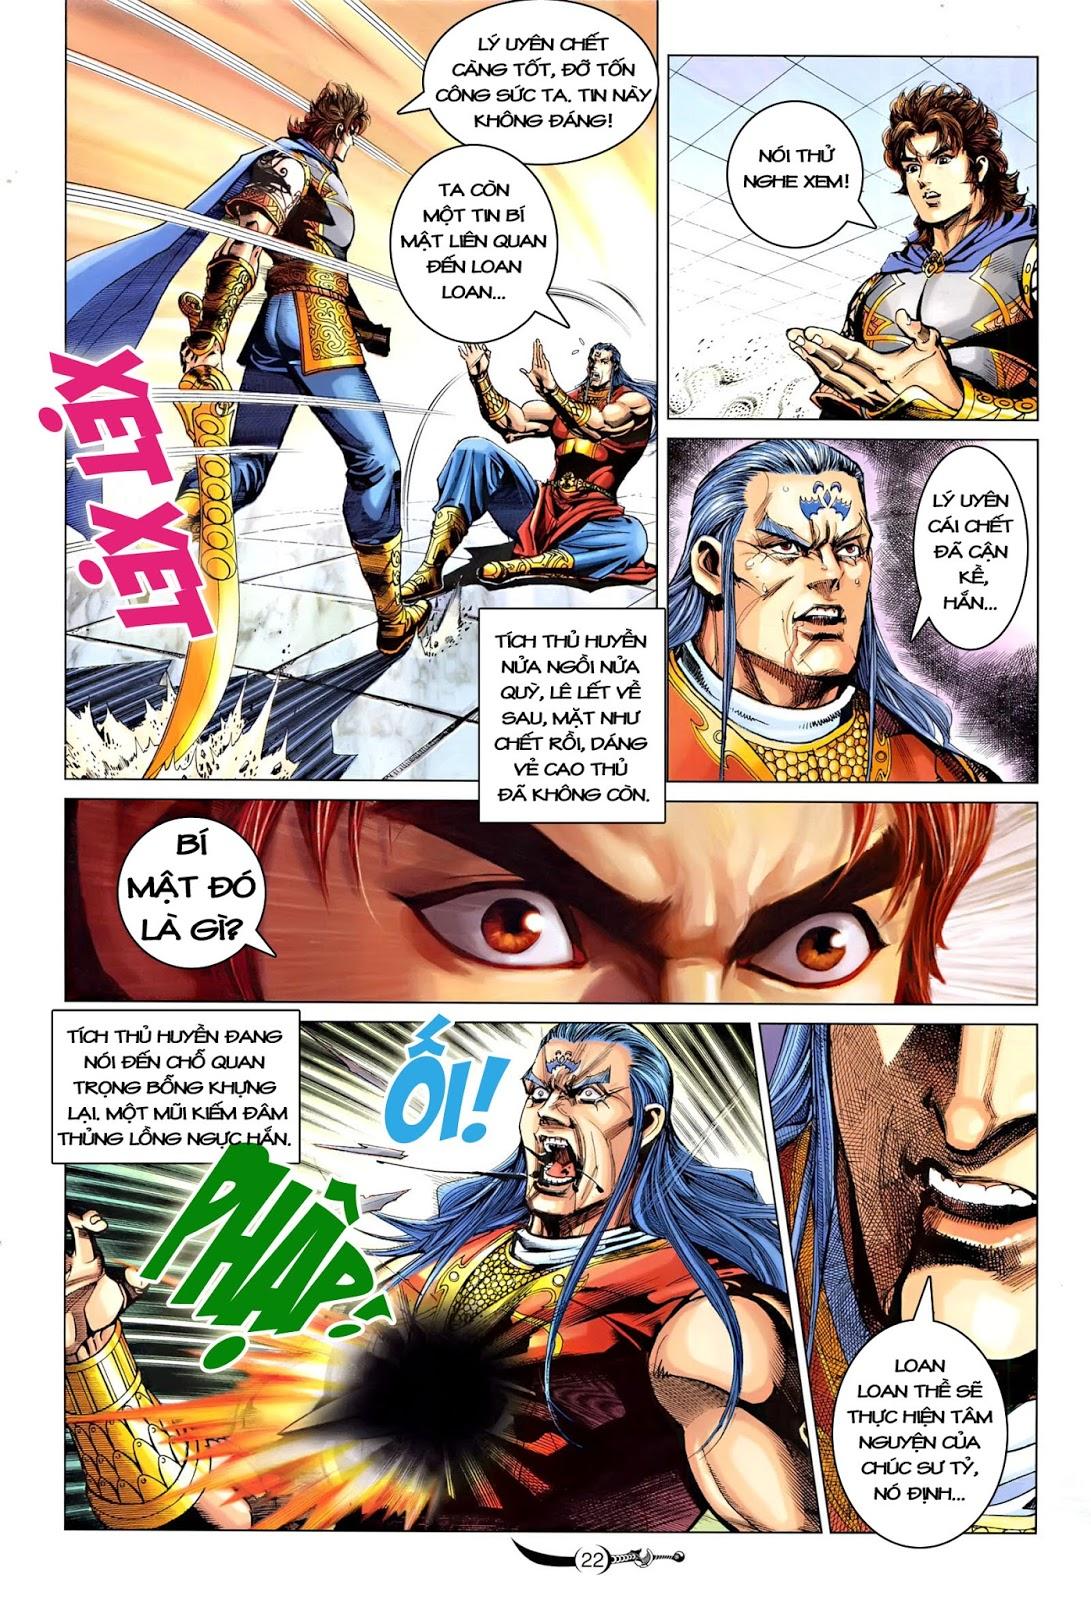 Đại Đường Song Long Truyện chap 218 - Trang 24